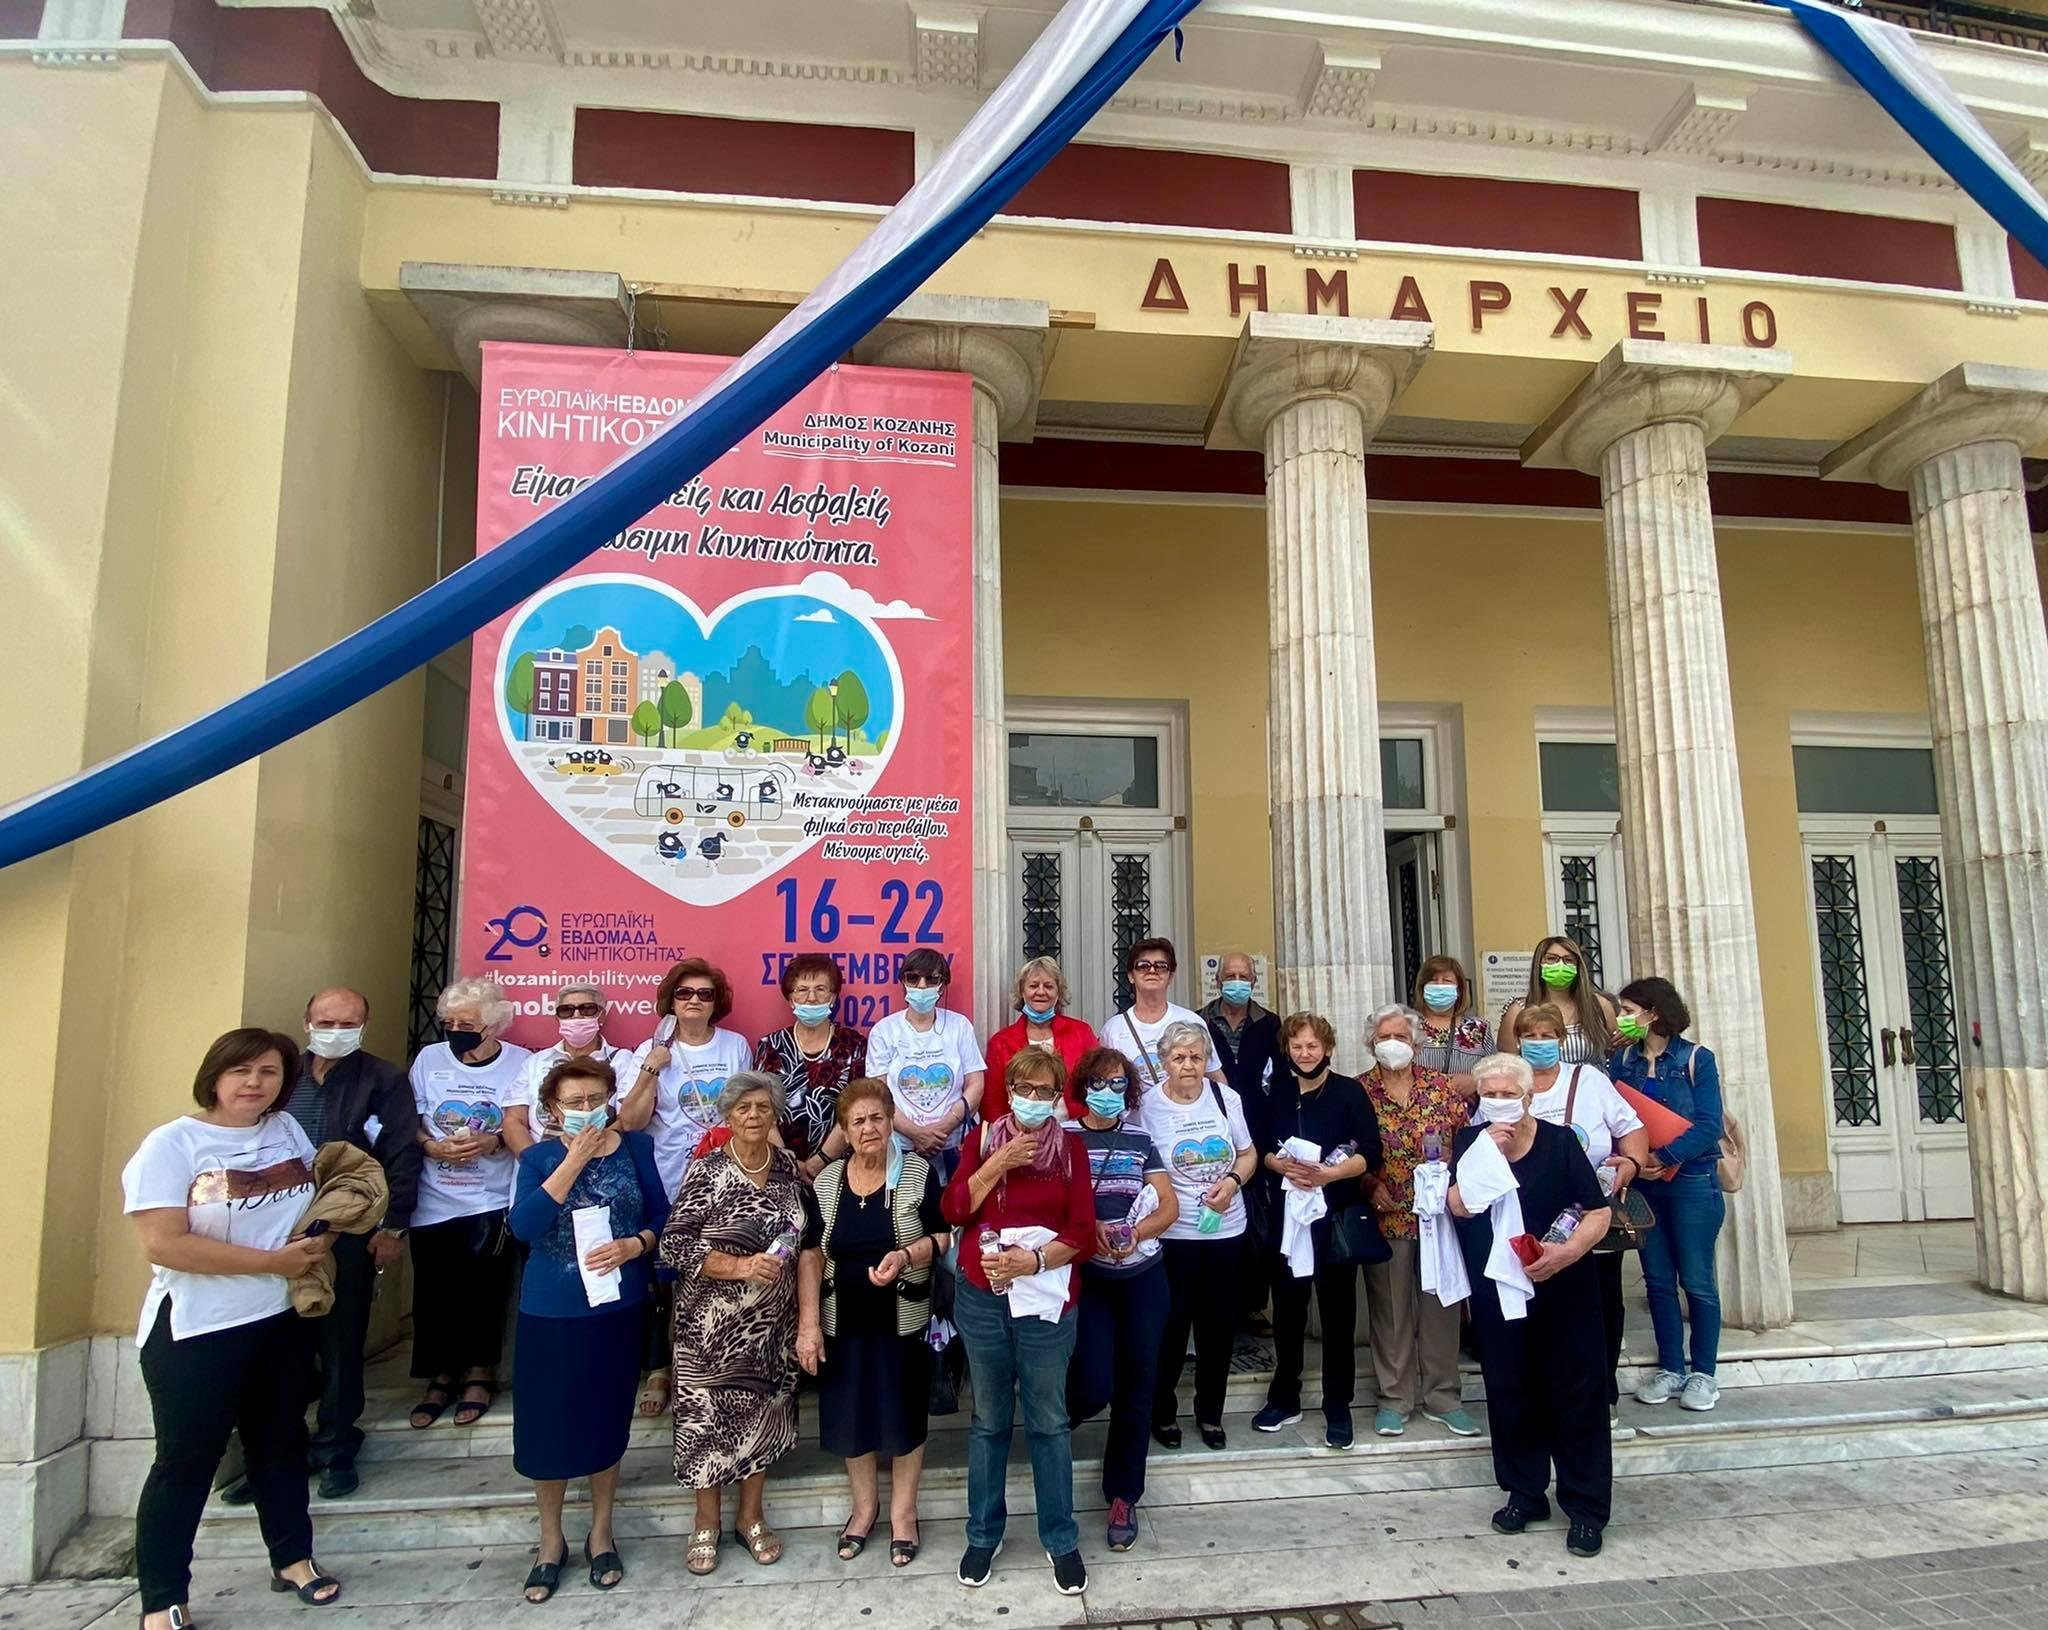 Ευρωπαϊκή Εβδομάδα Κινητικότητας Δήμου Κοζάνης: Περίπατος με την τρίτη ηλικία στα μονοπάτια της τοπικής ιστορίας